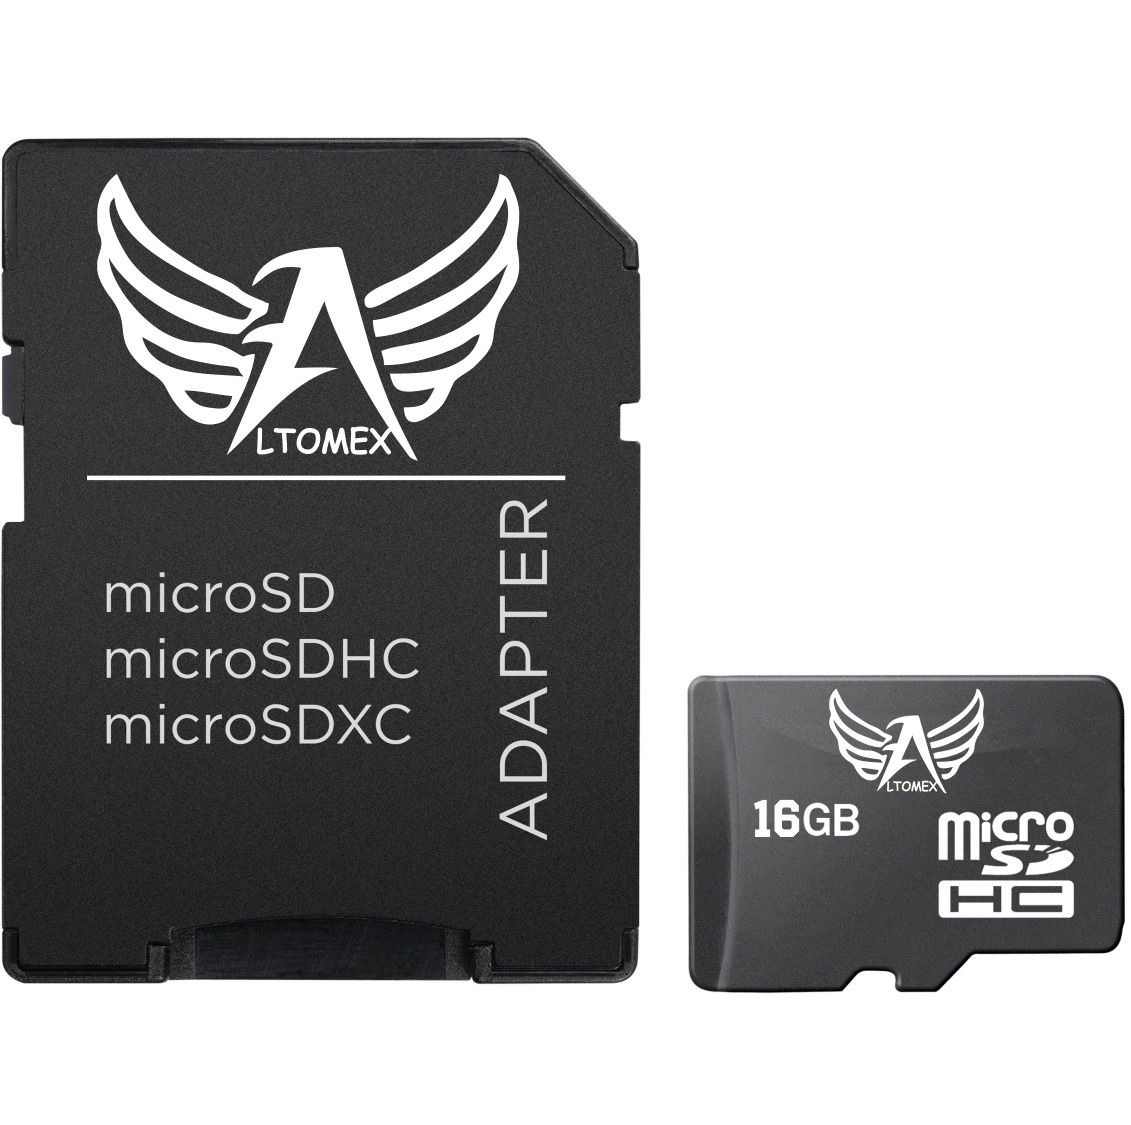 Micro SD   16GB   Altomex AL-MO-16